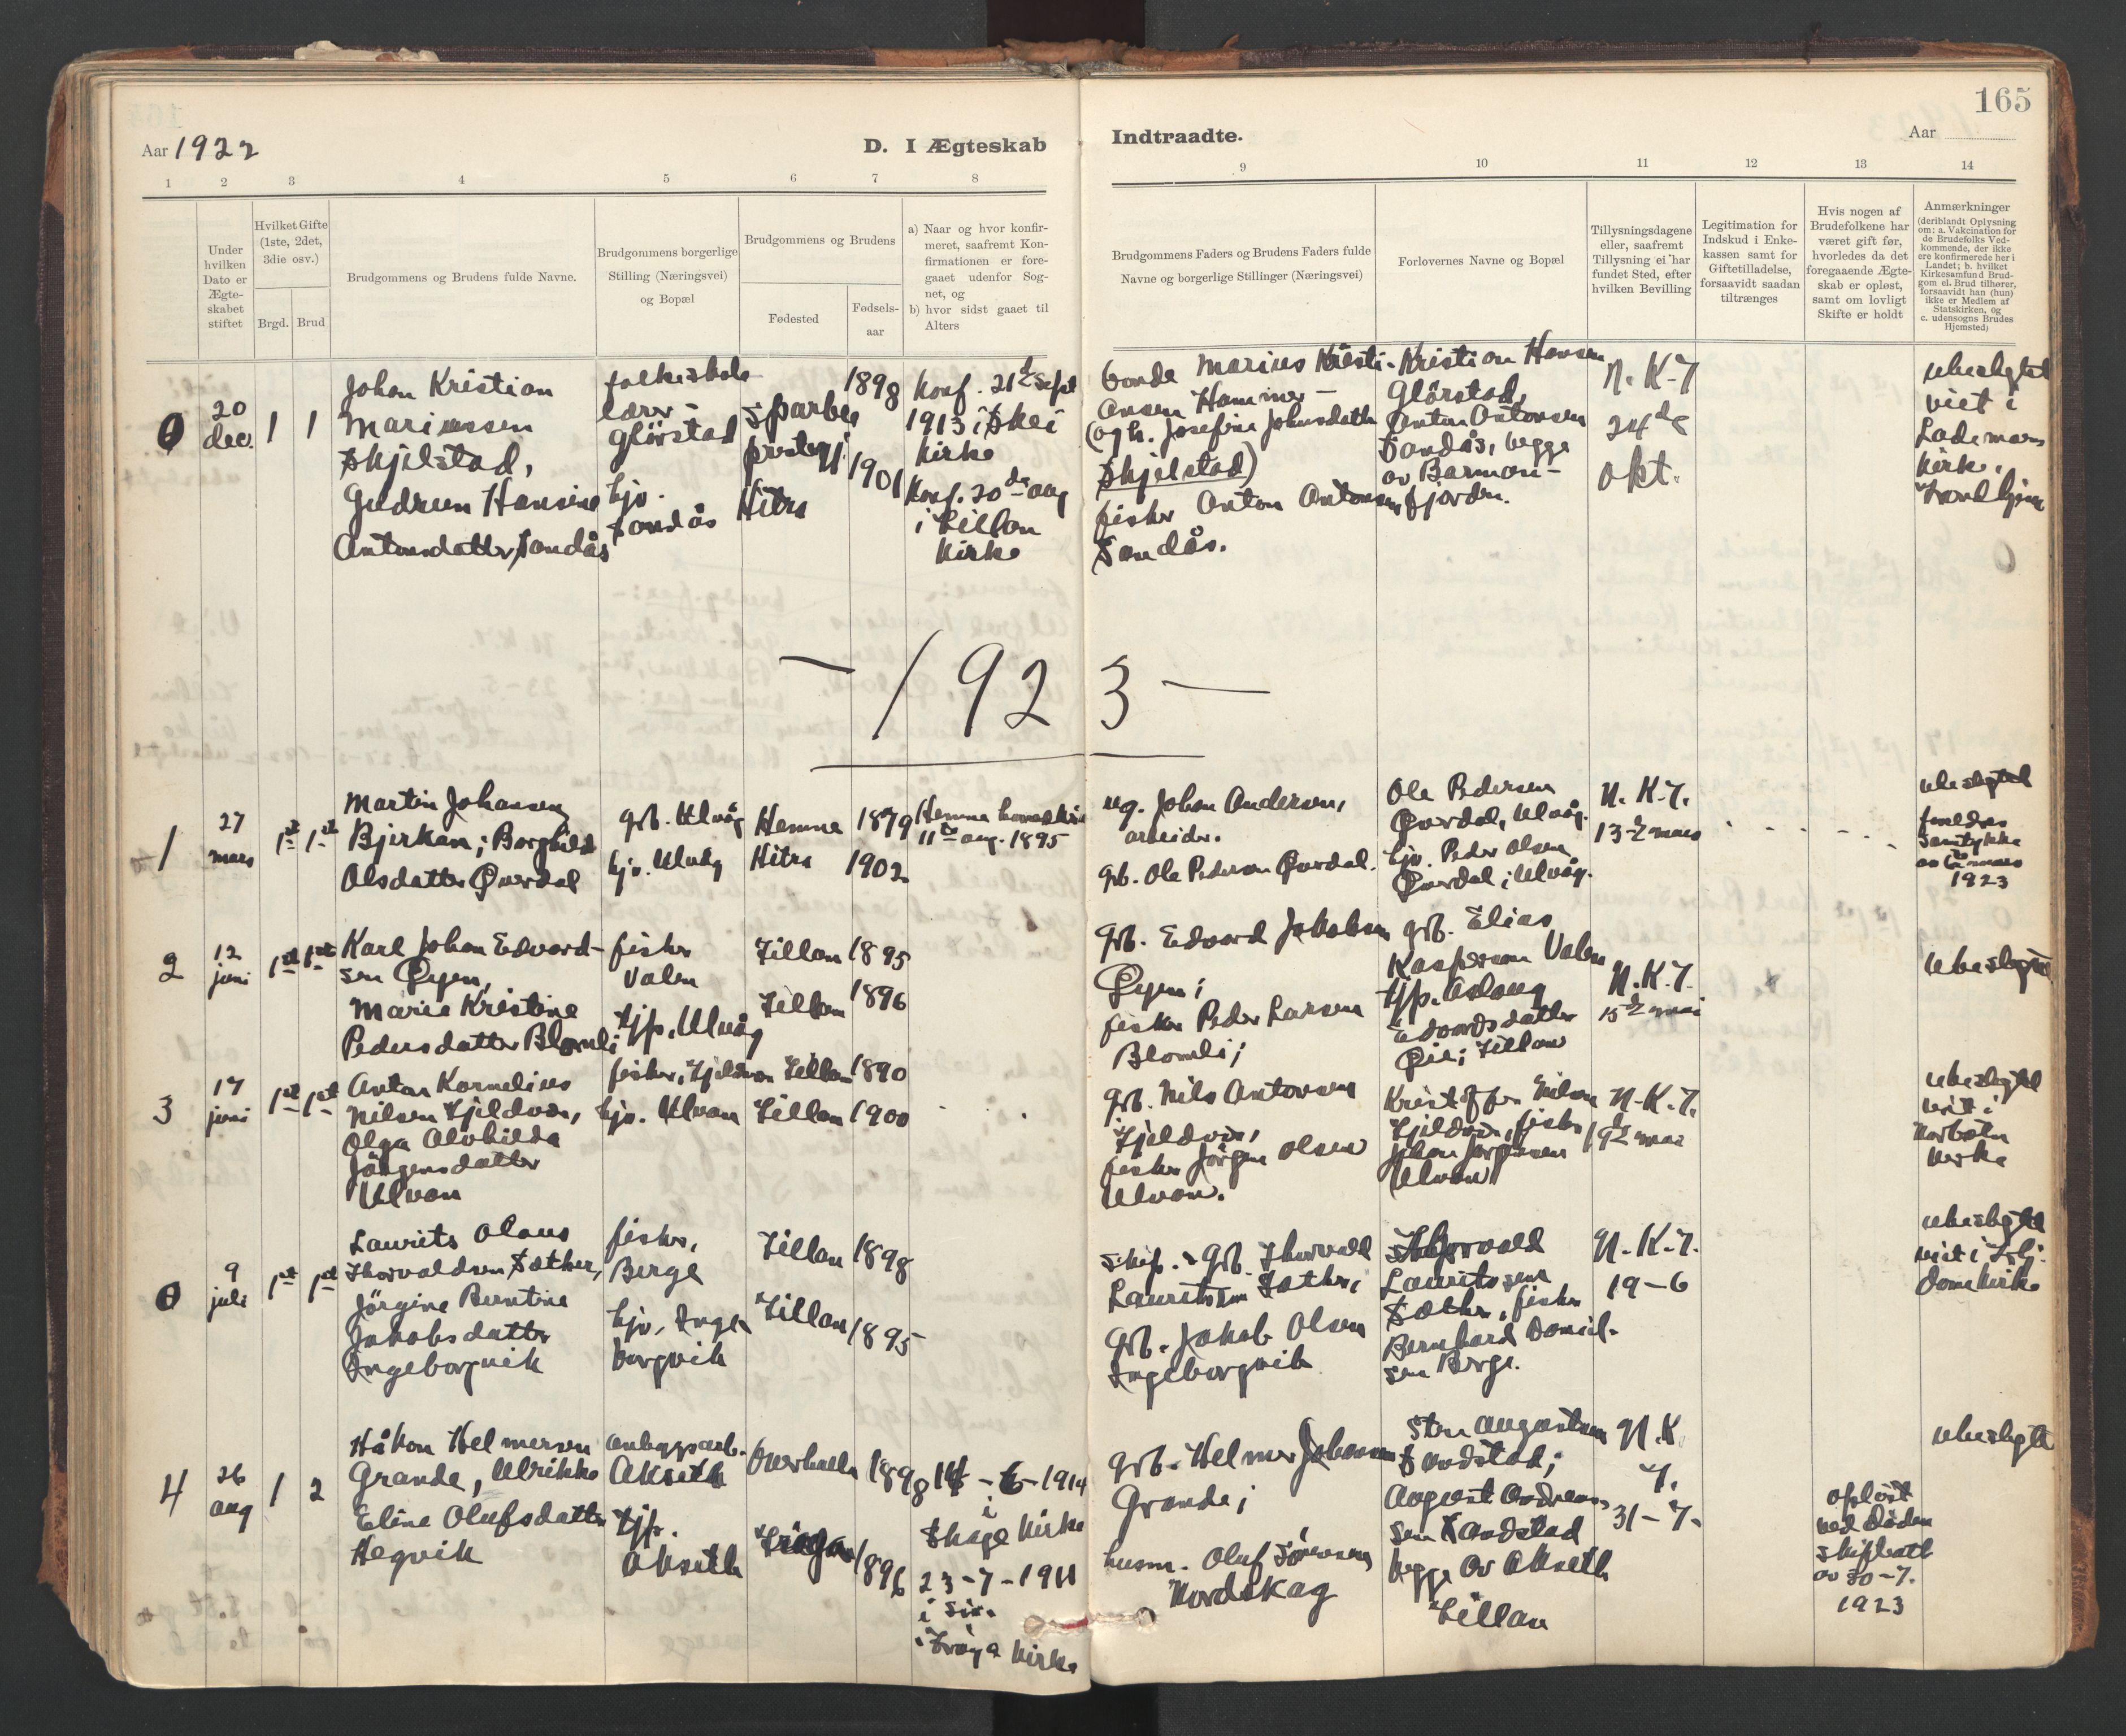 SAT, Ministerialprotokoller, klokkerbøker og fødselsregistre - Sør-Trøndelag, 637/L0559: Ministerialbok nr. 637A02, 1899-1923, s. 165